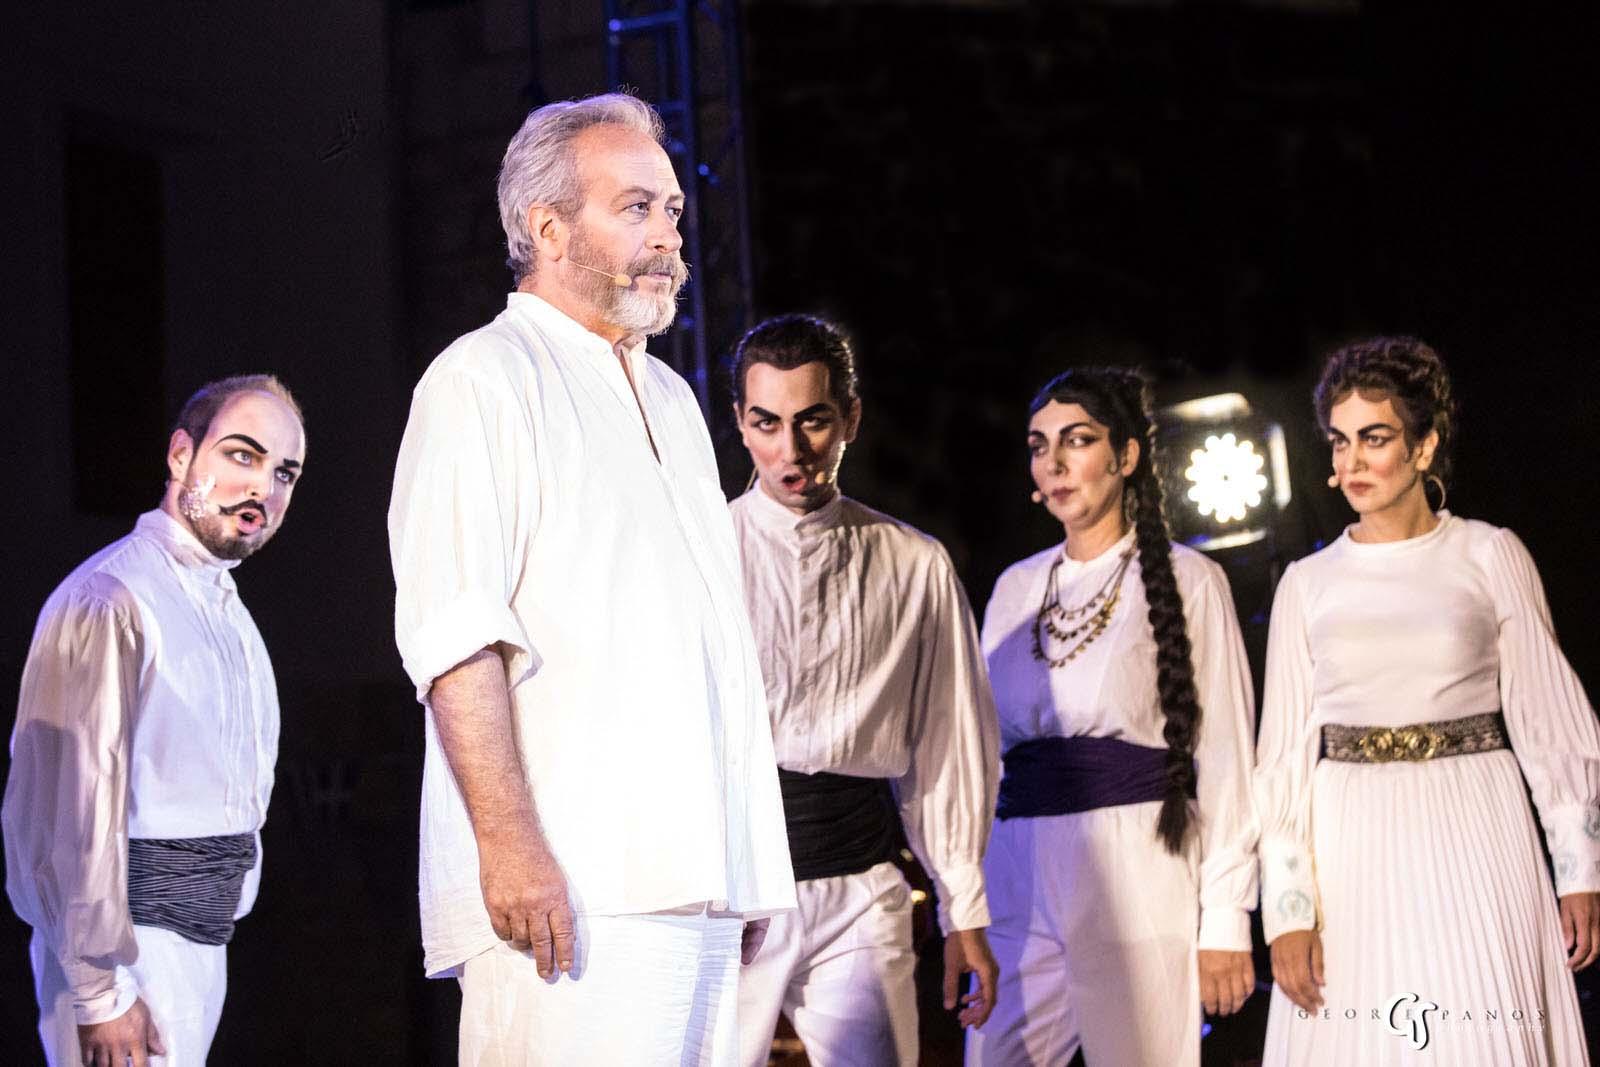 Ο Γρηγόρης Βαλτινός καθήλωσε τους θεατές με την αφήγησή του. Φωτογραφία: George Spanos Photography